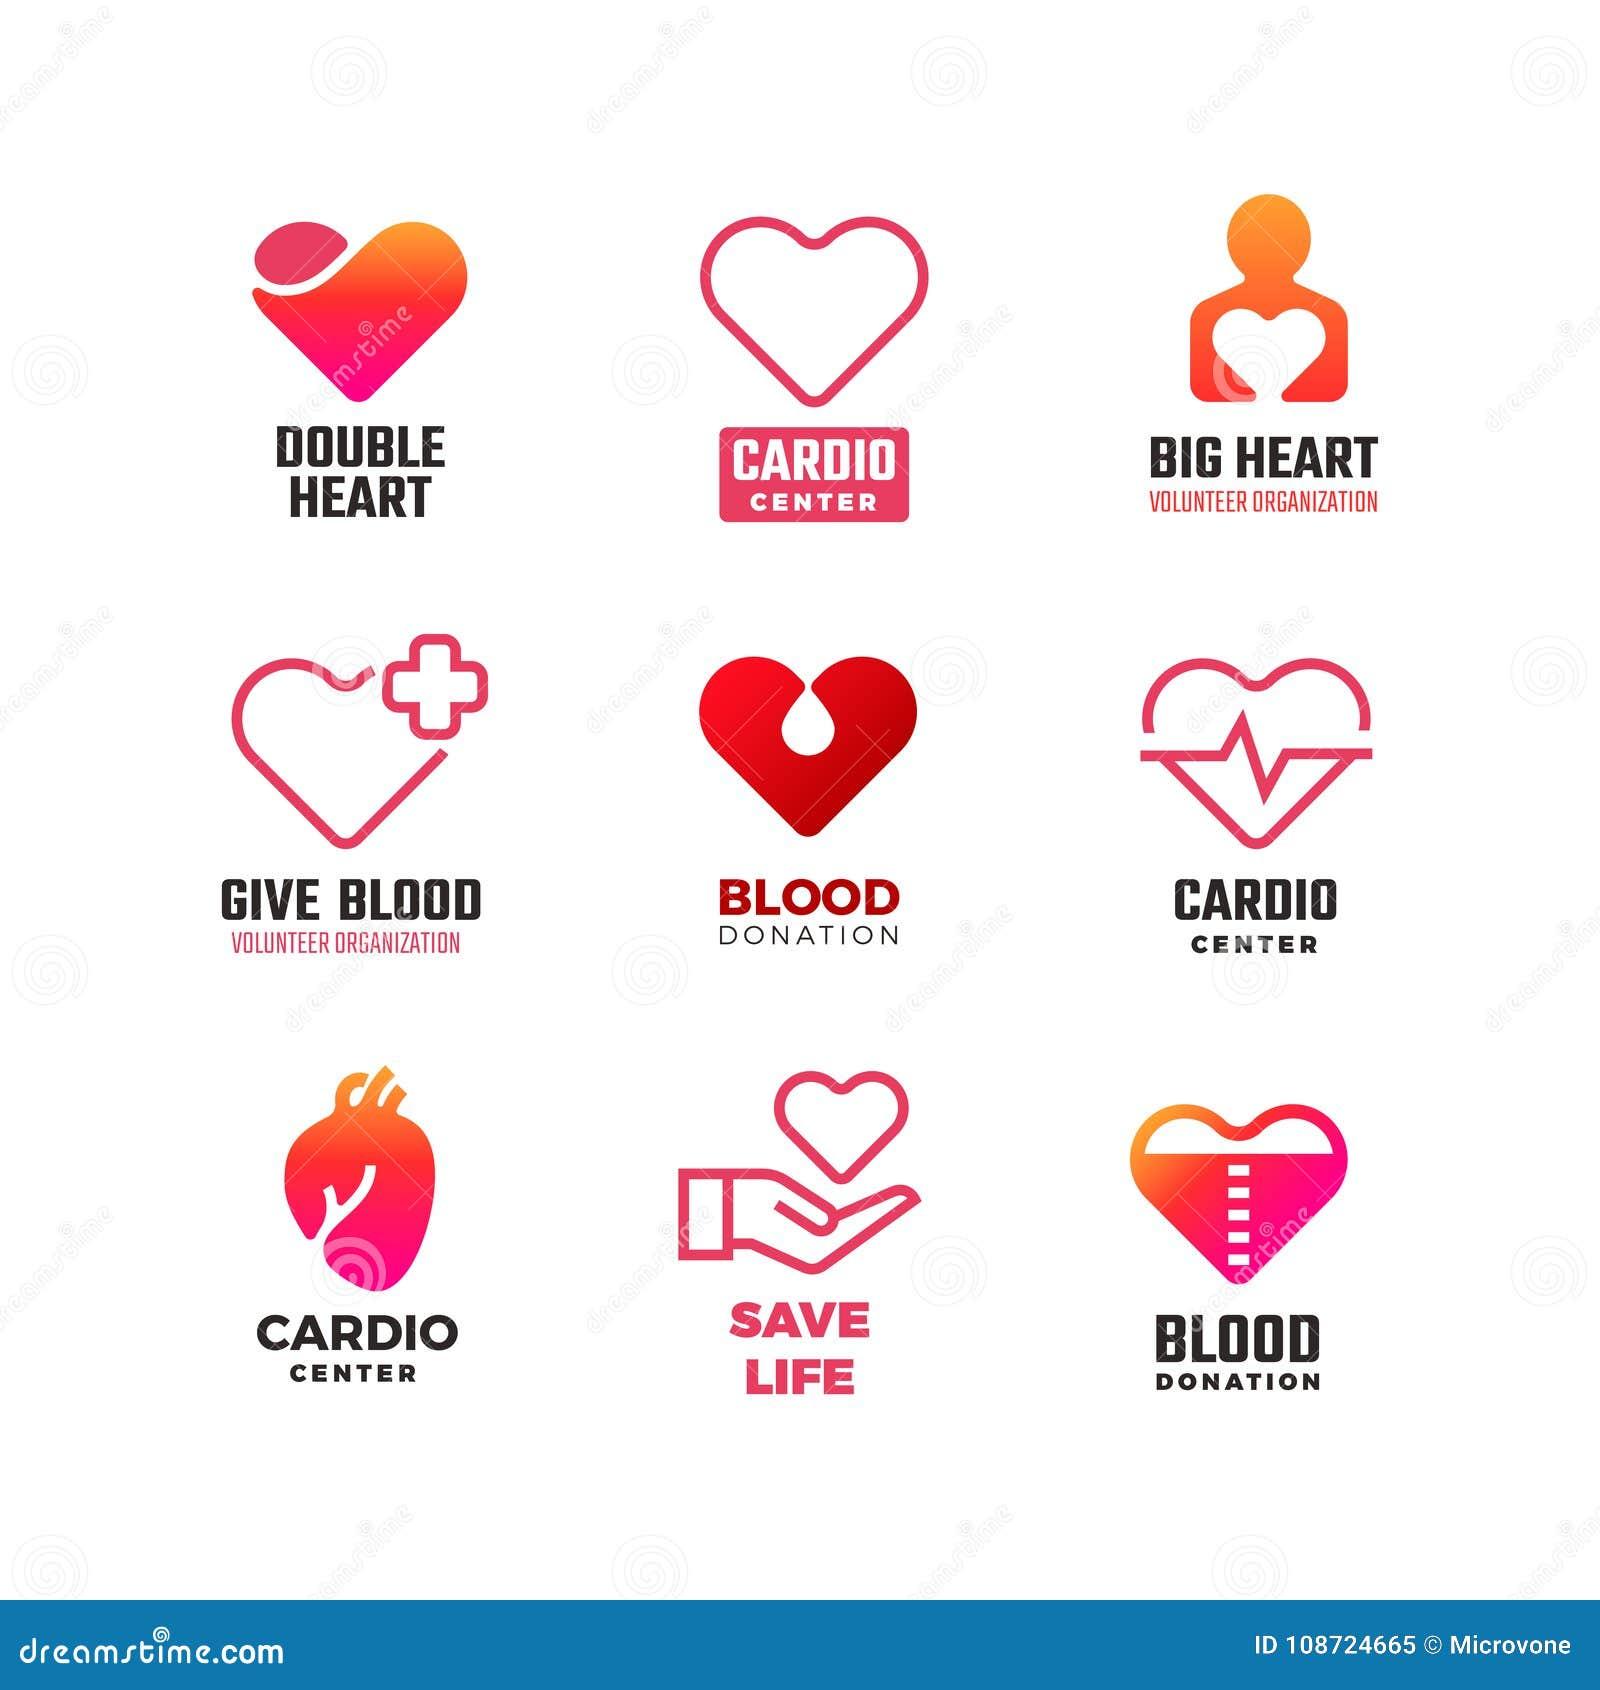 Διανυσματικά ιατρικά λογότυπα δωρεάς καρδιολογίας και αίματος Διεθνή εμβλήματα ημέρας καρδιών